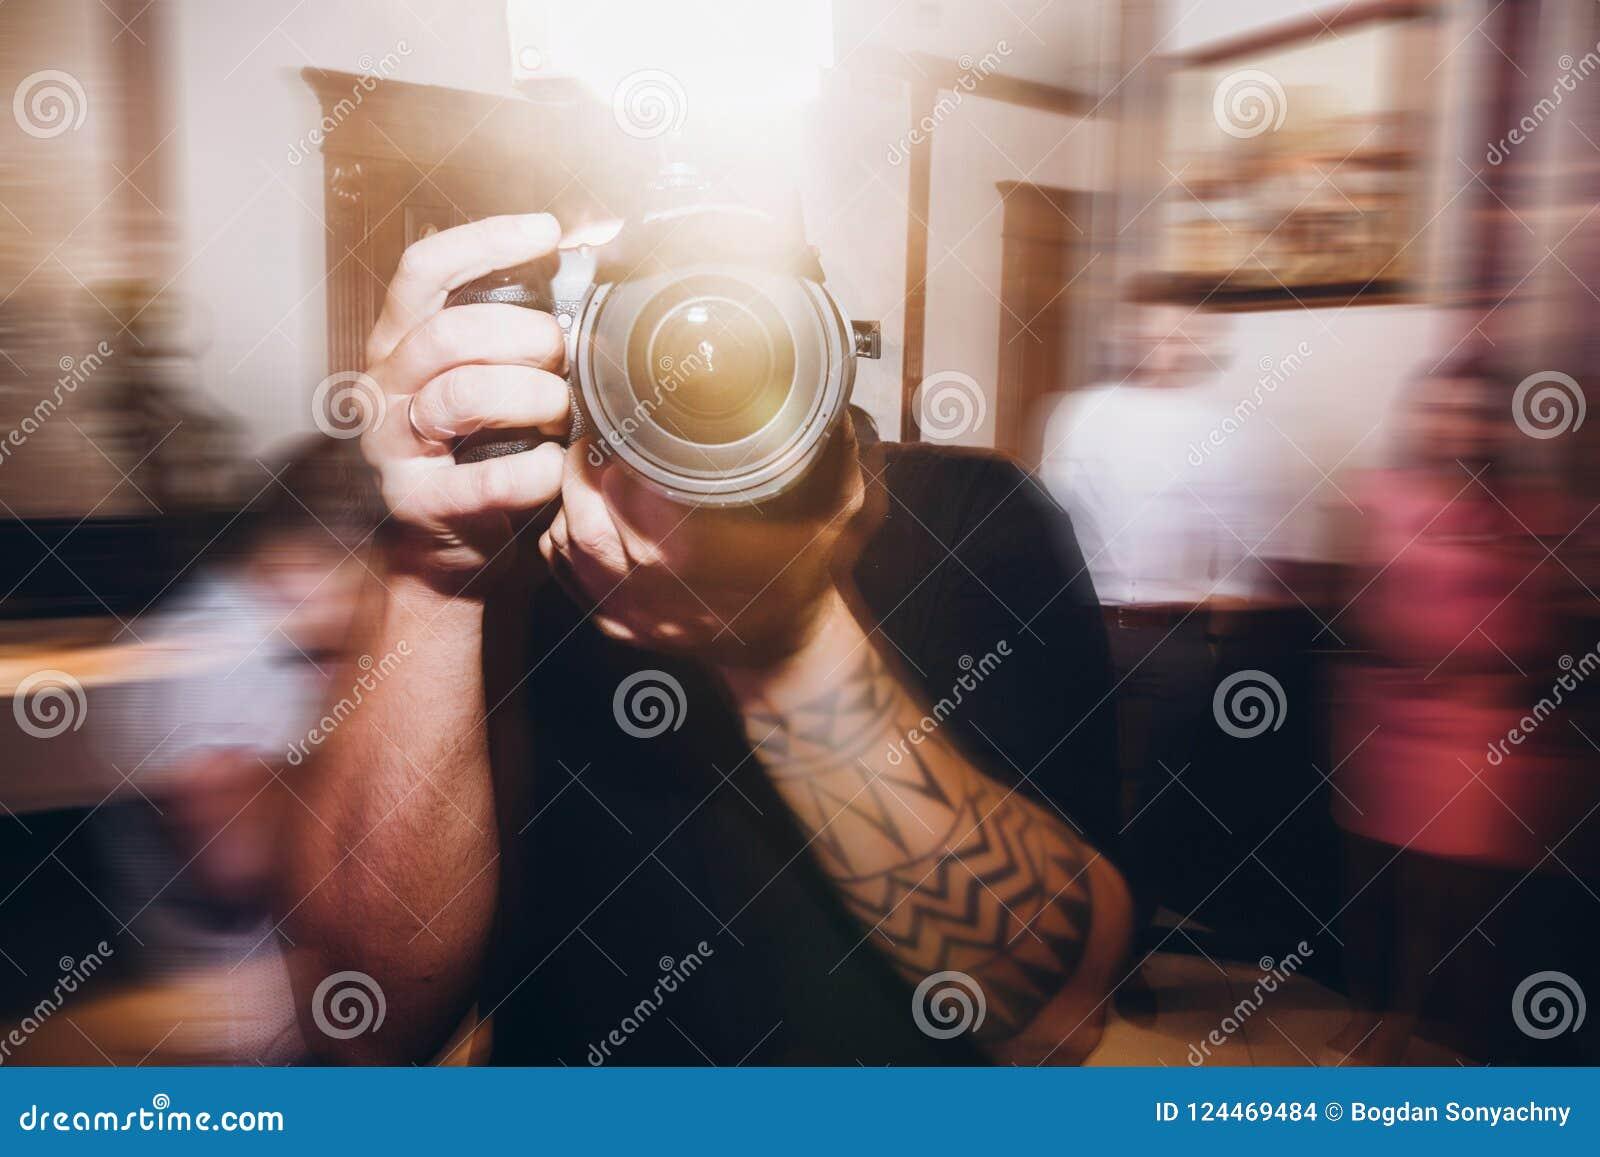 Equipe guardar a câmera da foto, fotógrafo no recep da cerimônia de casamento